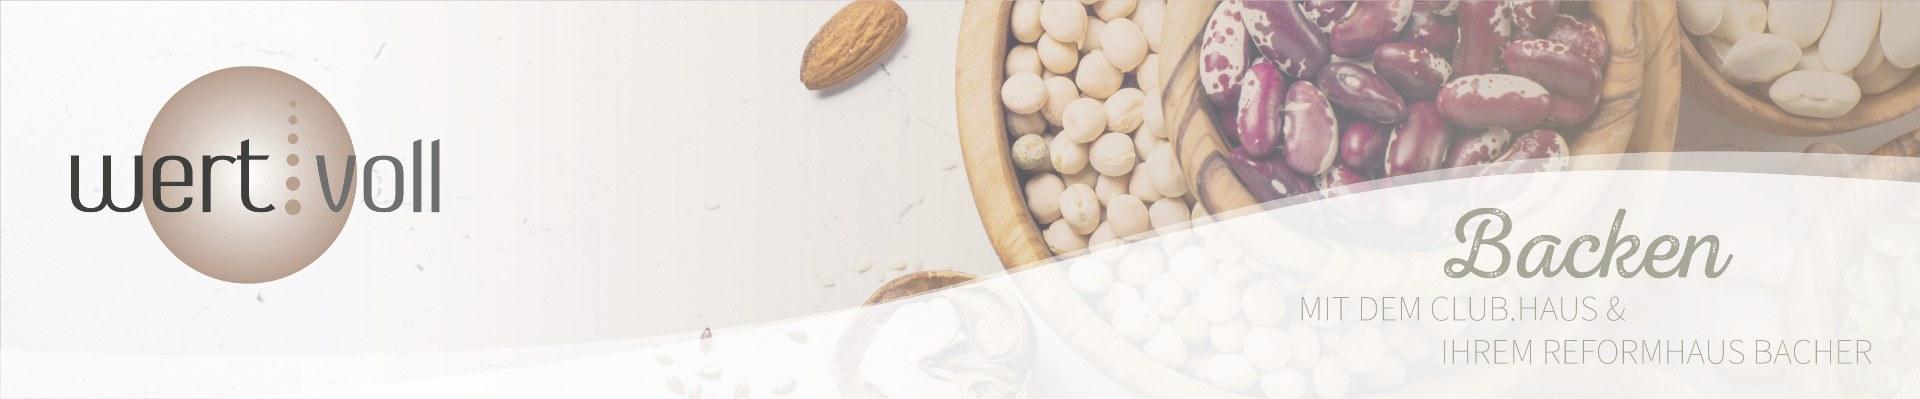 Aufsicht mehrere Schalen mit Hülsenfrüchten und Nüssen.